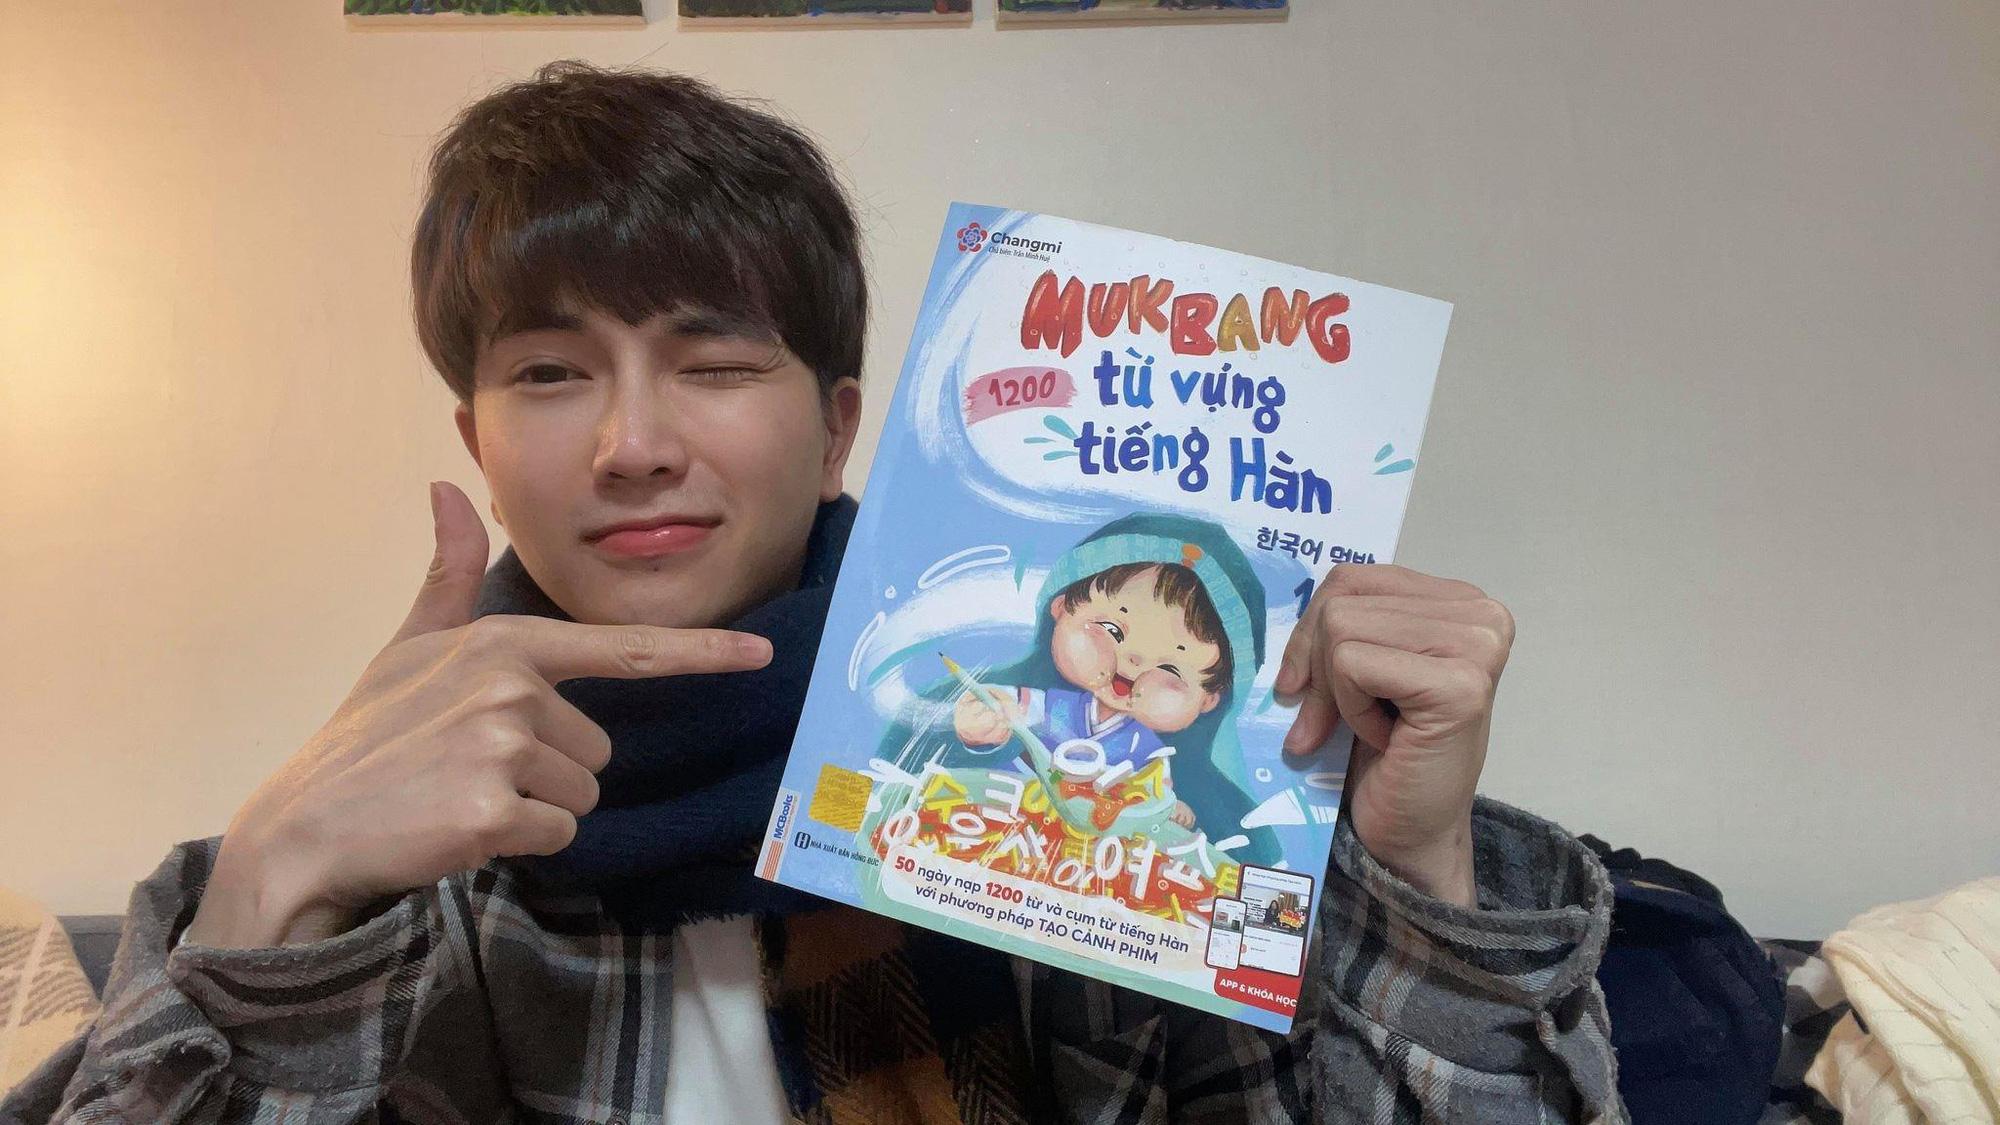 Mei Chan, A Síng, Jang Hongan bật mí bí quyết giúp bạn học 1200 từ vựng tiếng Hàn trong 50 ngày - Ảnh 3.